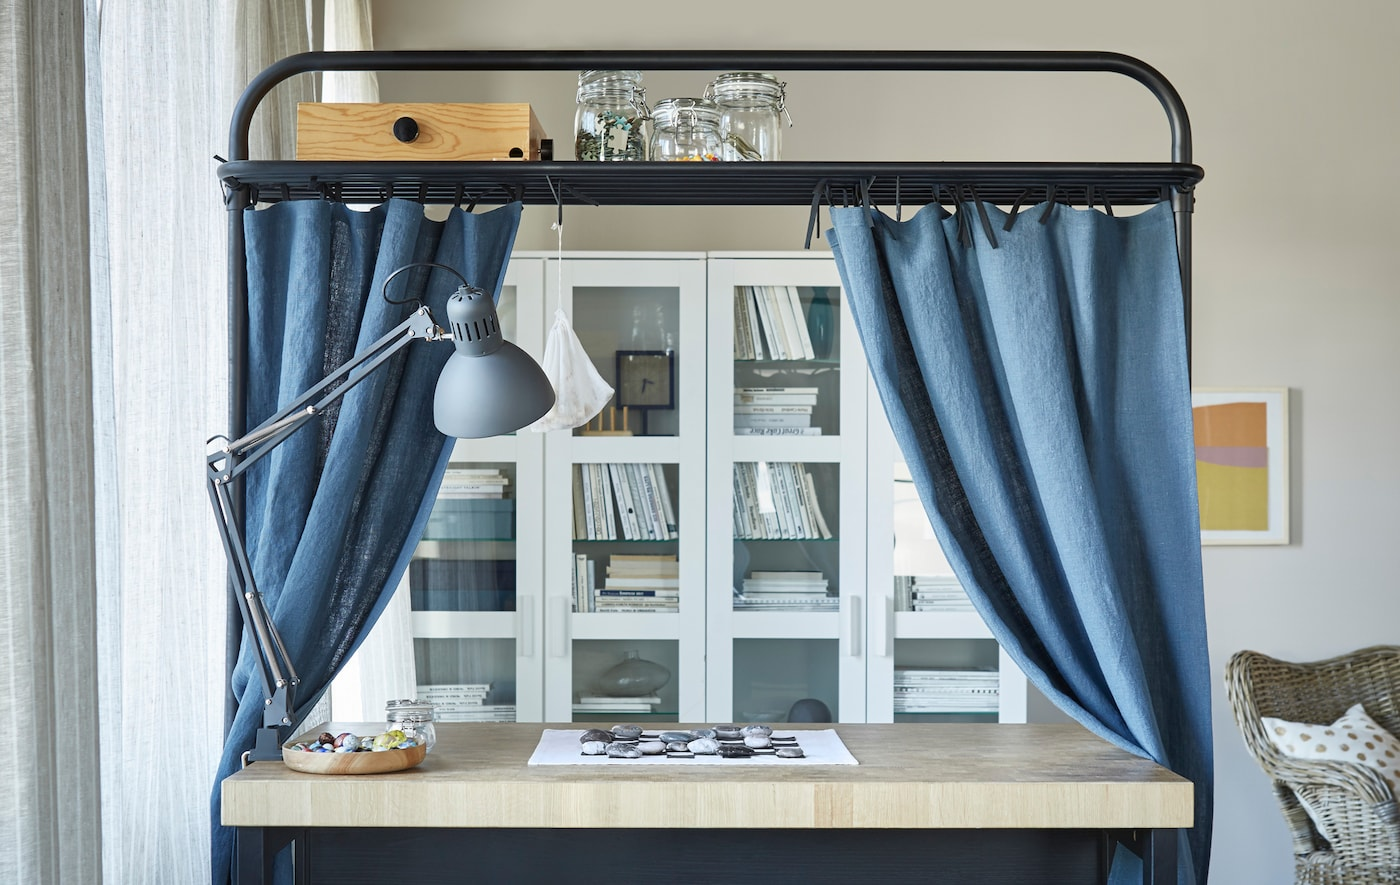 Kücheninsel anders nutzen - IKEA